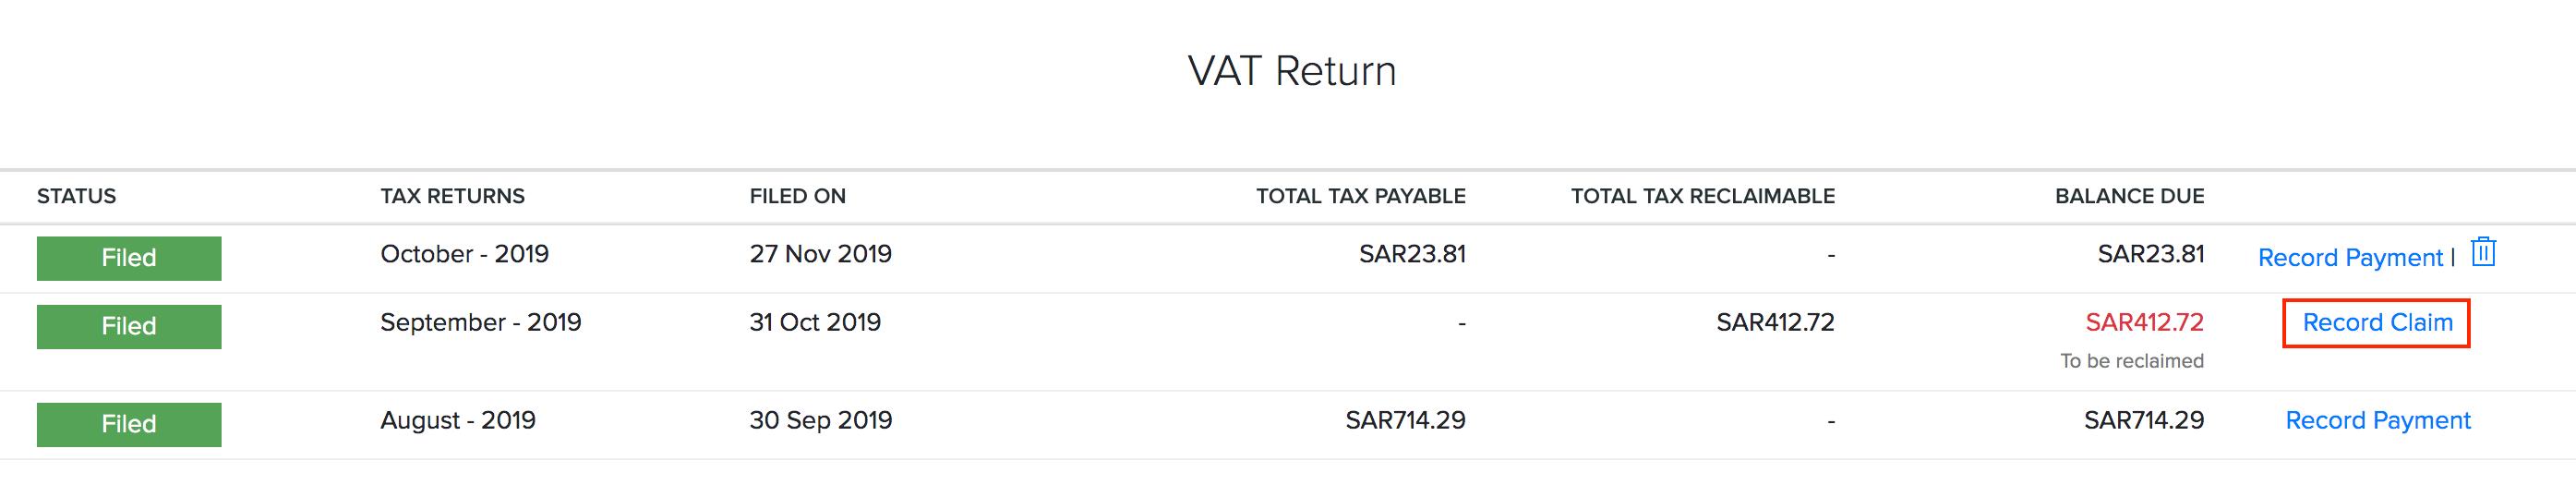 Reports tax claim